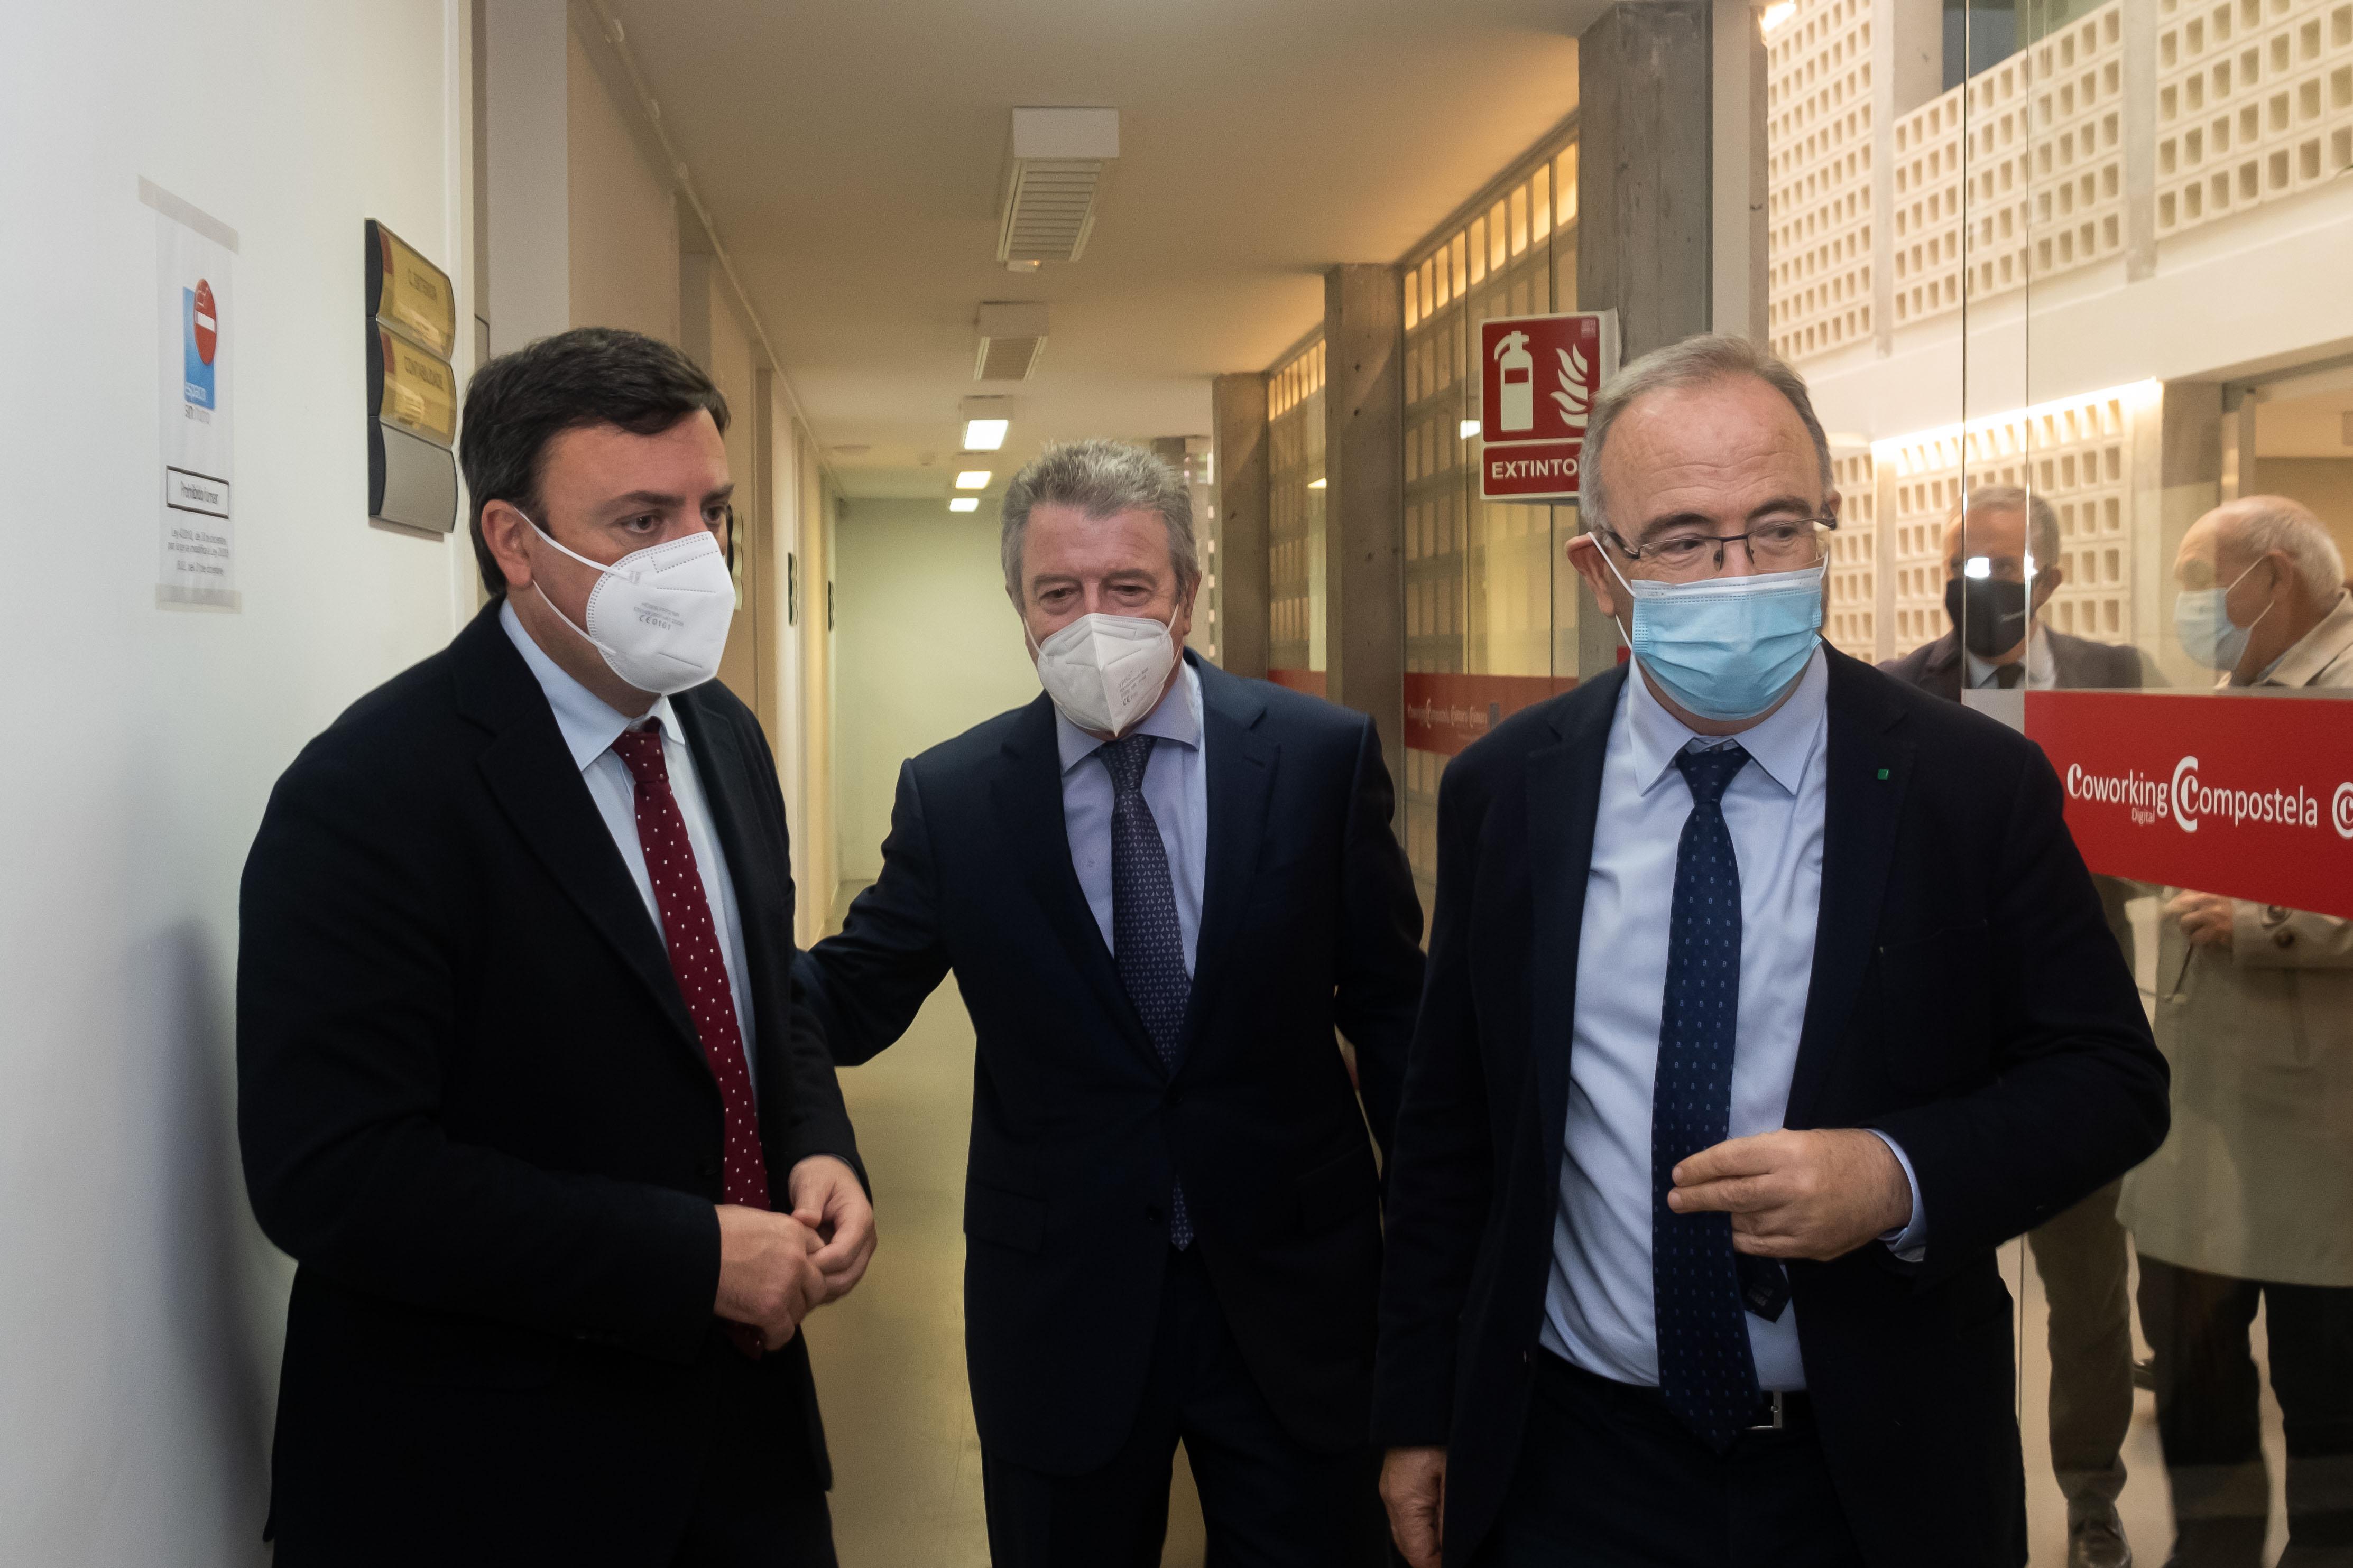 O presidente da Deputación de A Coruña visitou o coworking dixital da Cámara de Comercio de Santiago